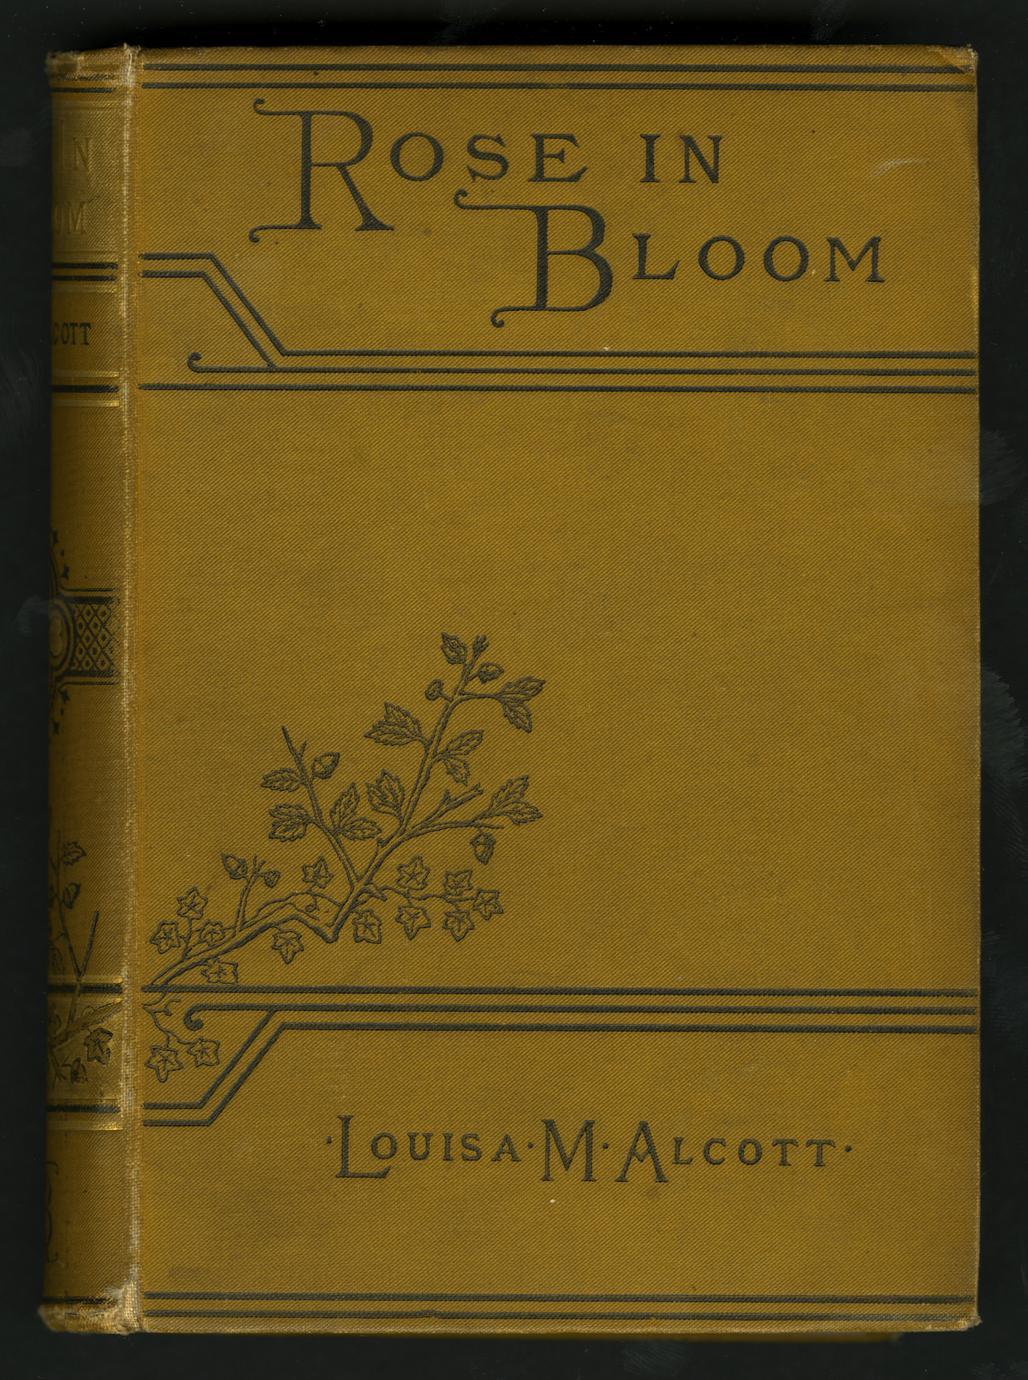 Rose in bloom (1 of 3)